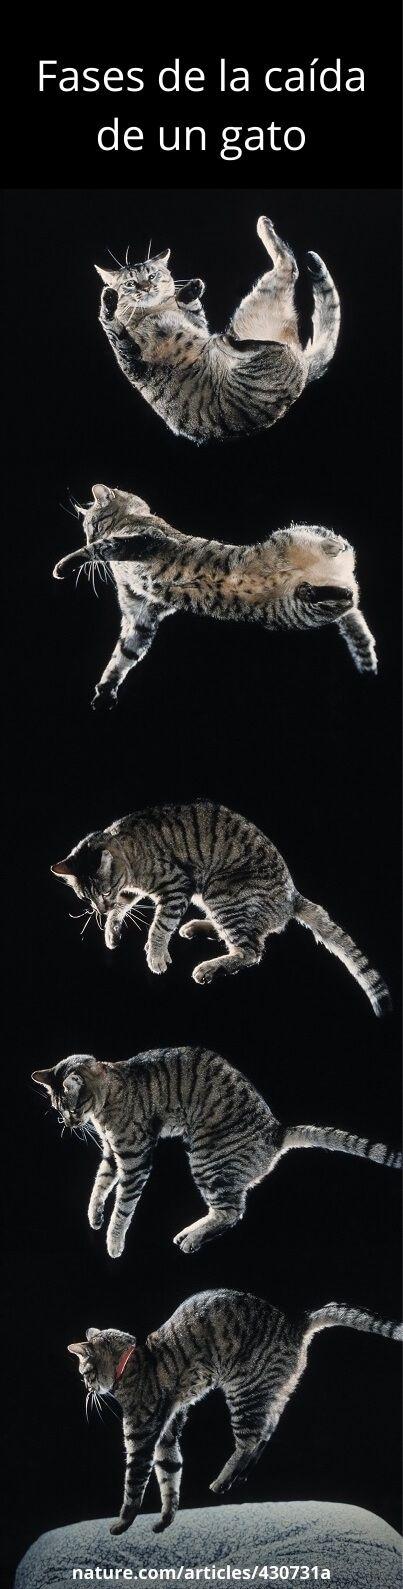 Fases de la caída de un gato